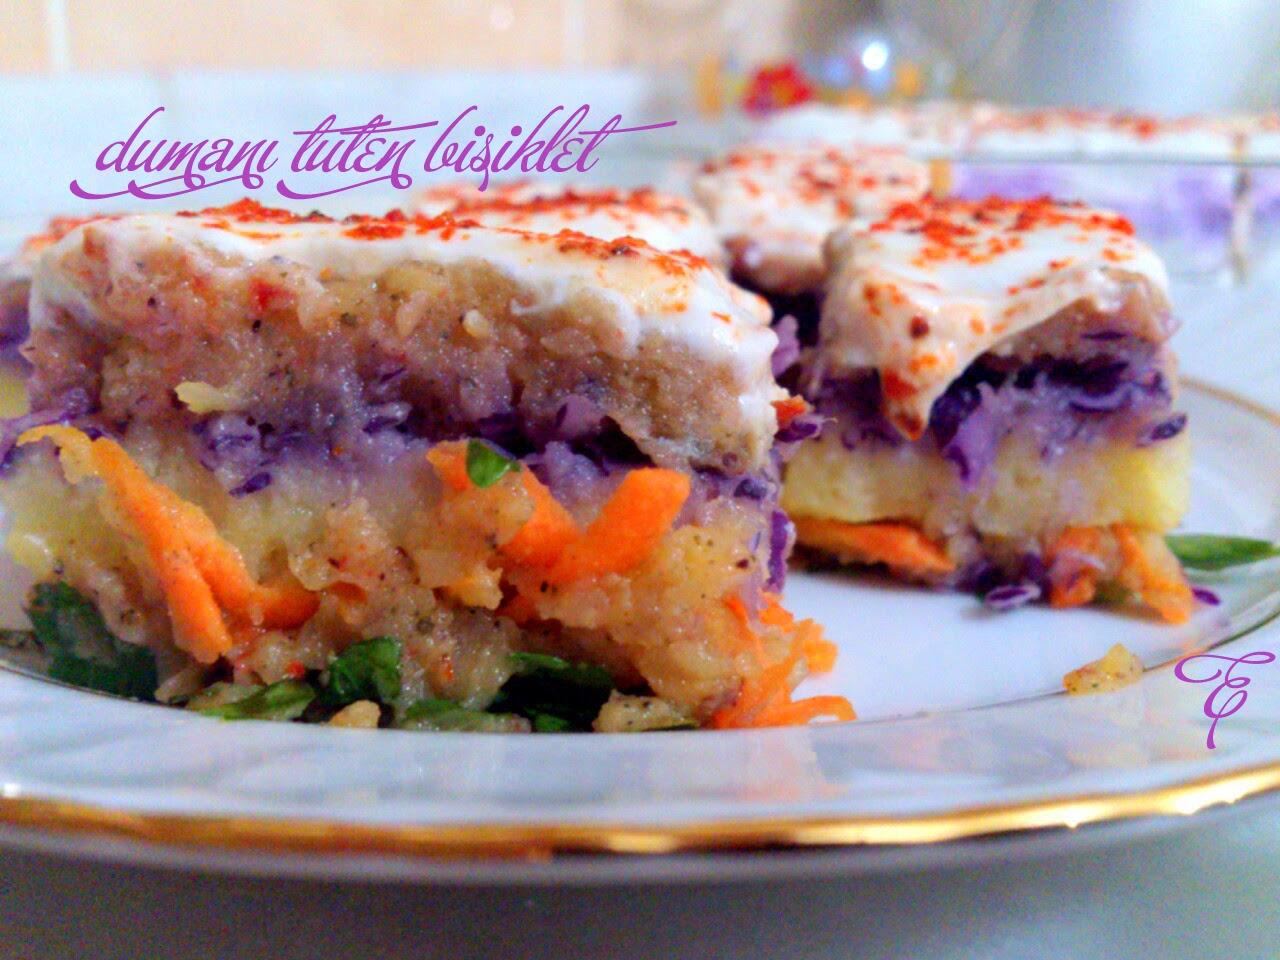 <a href=recipe/rengarenk-patates-pastası>